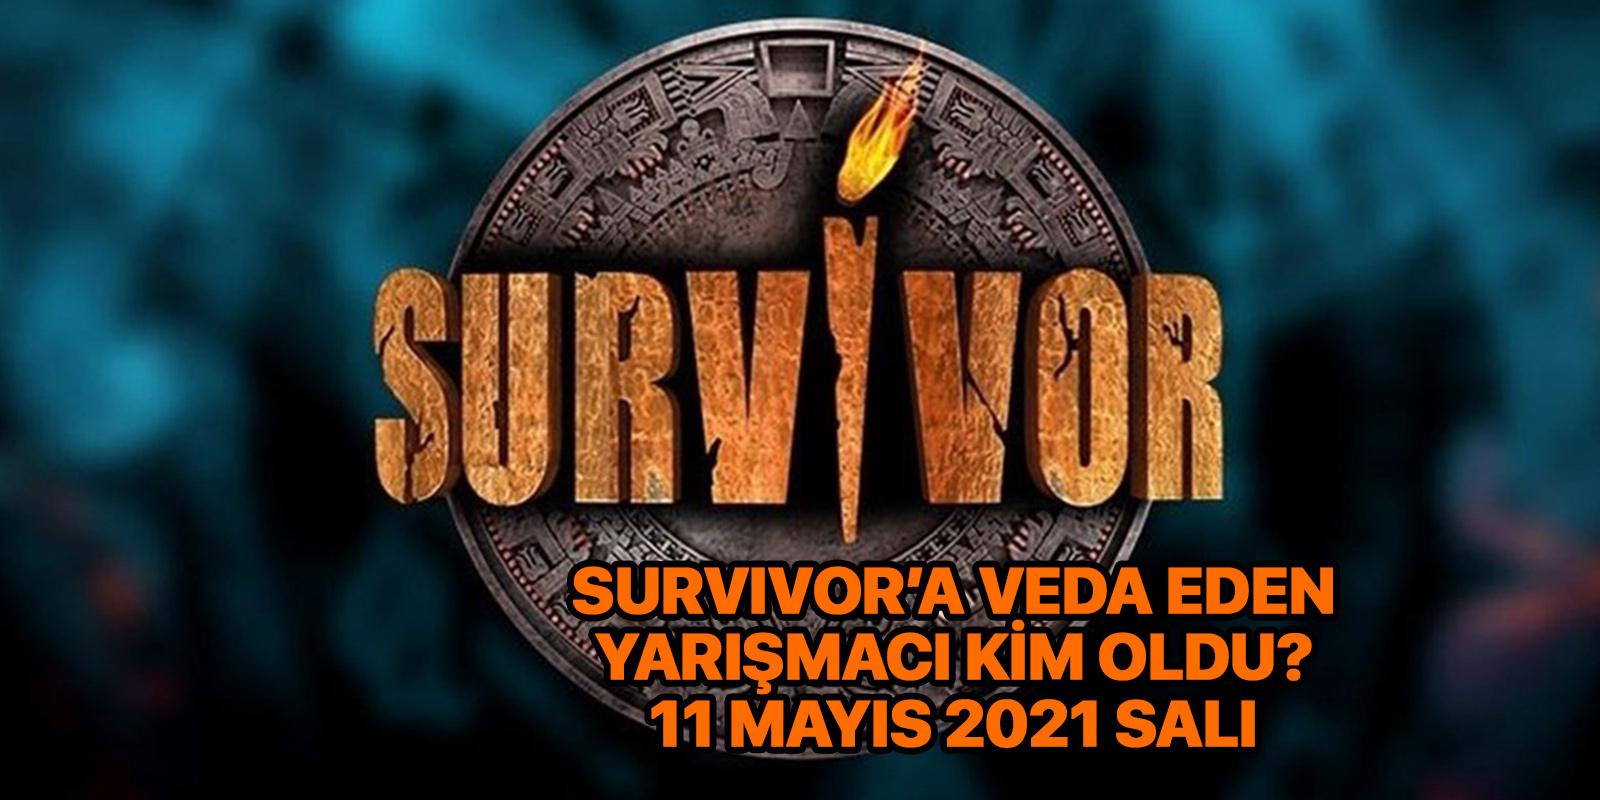 Survivor 2021 iletişim oyununu kim kazandı? | Survivor kim elendi? 11 Mayıs Salı